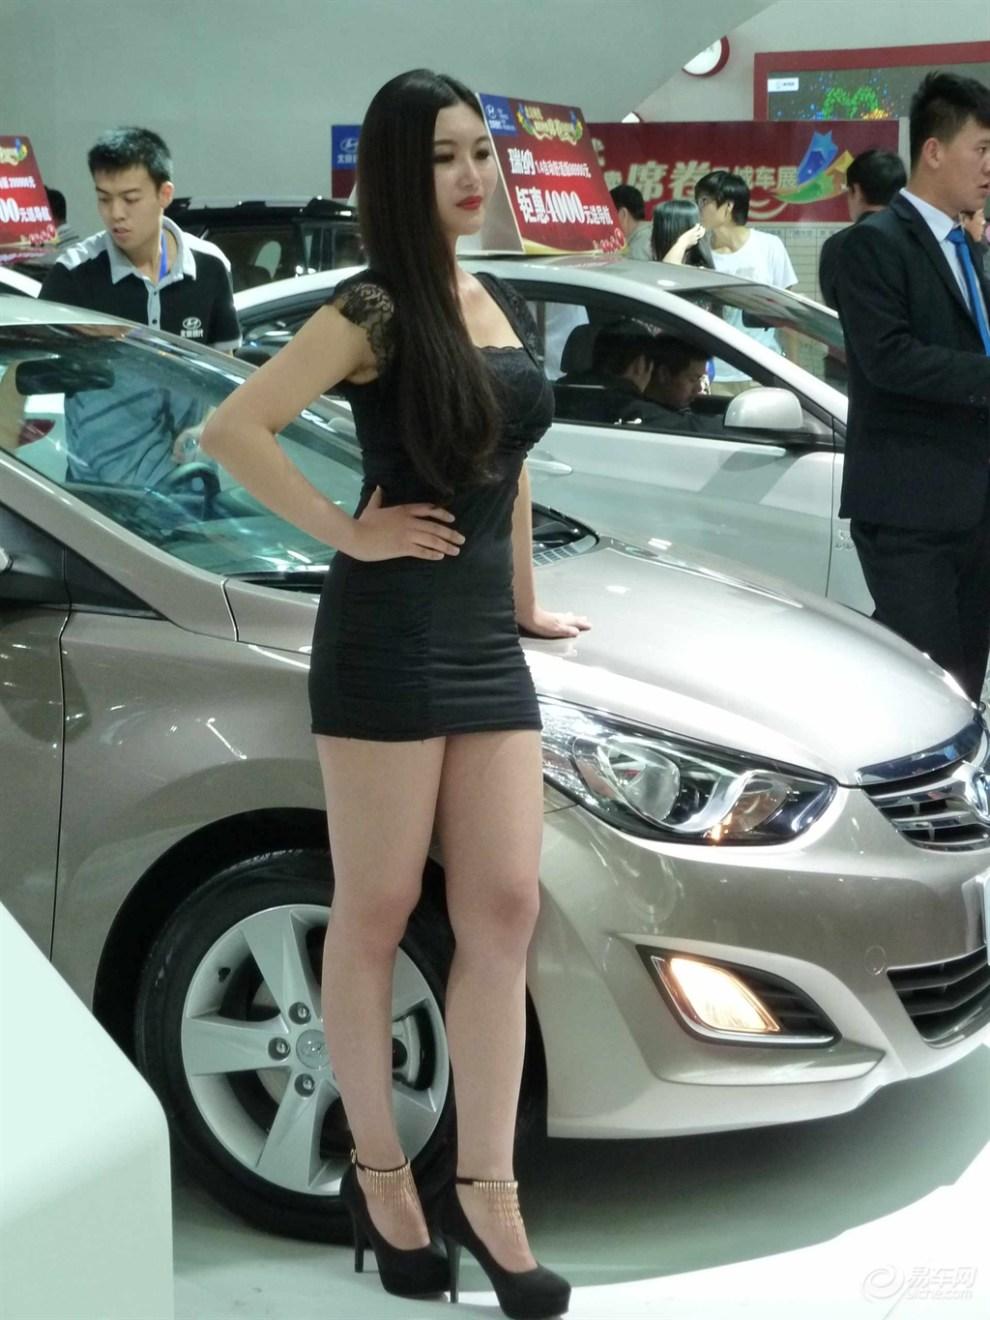 【宁夏银川 2013年五一车展看美女】 竖